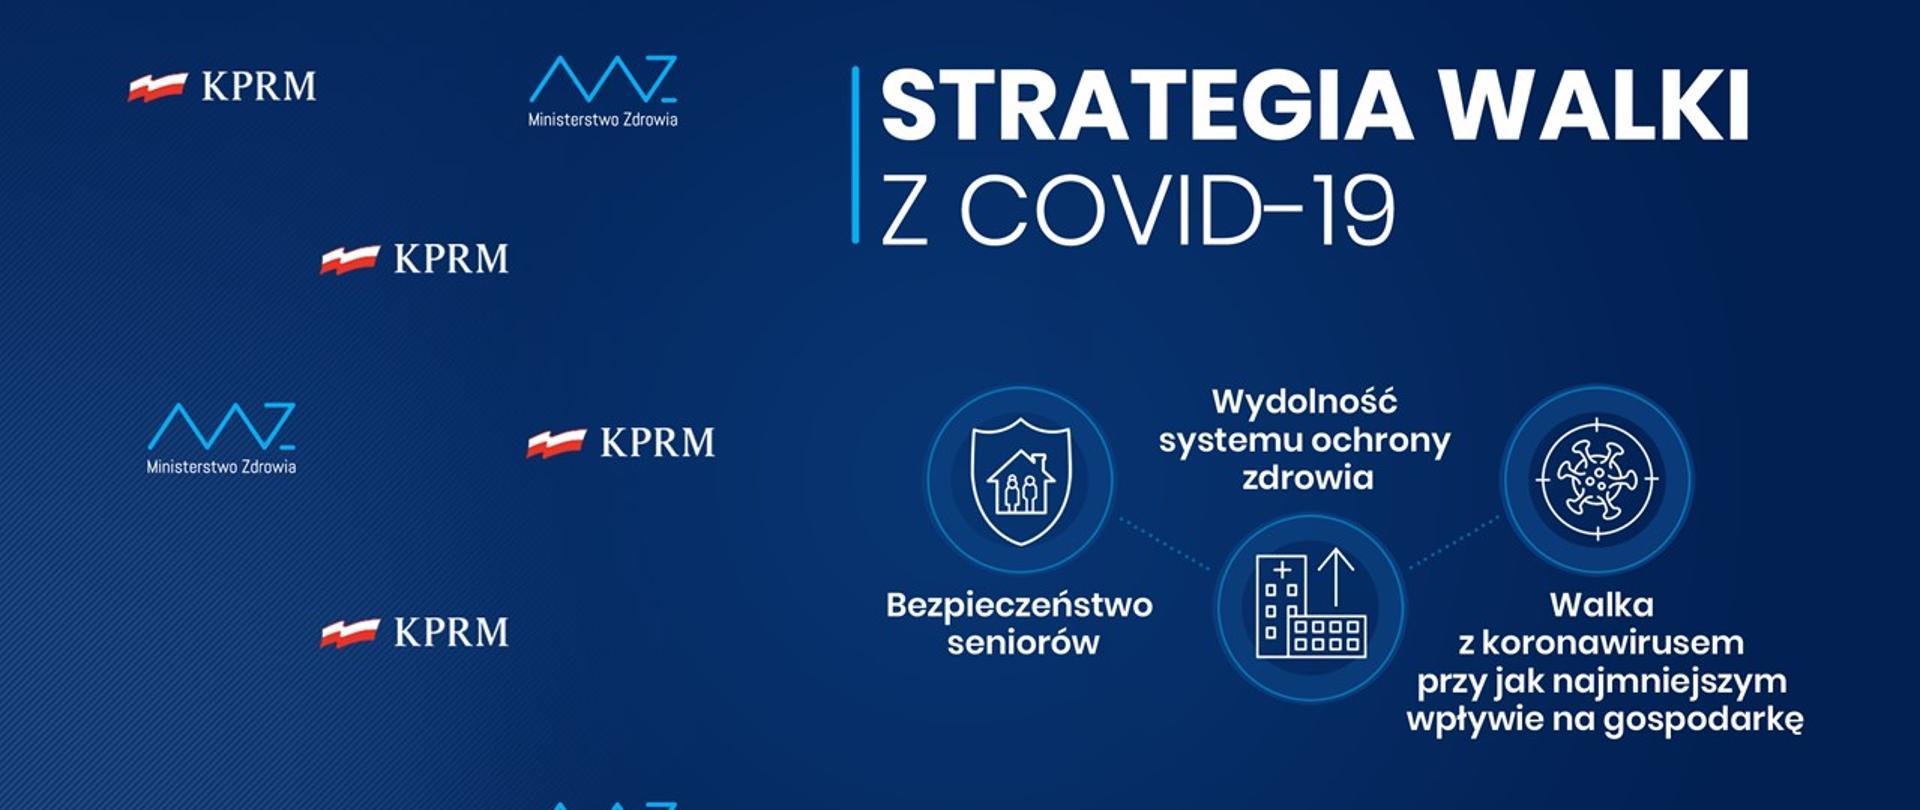 Strategia walki z COVID